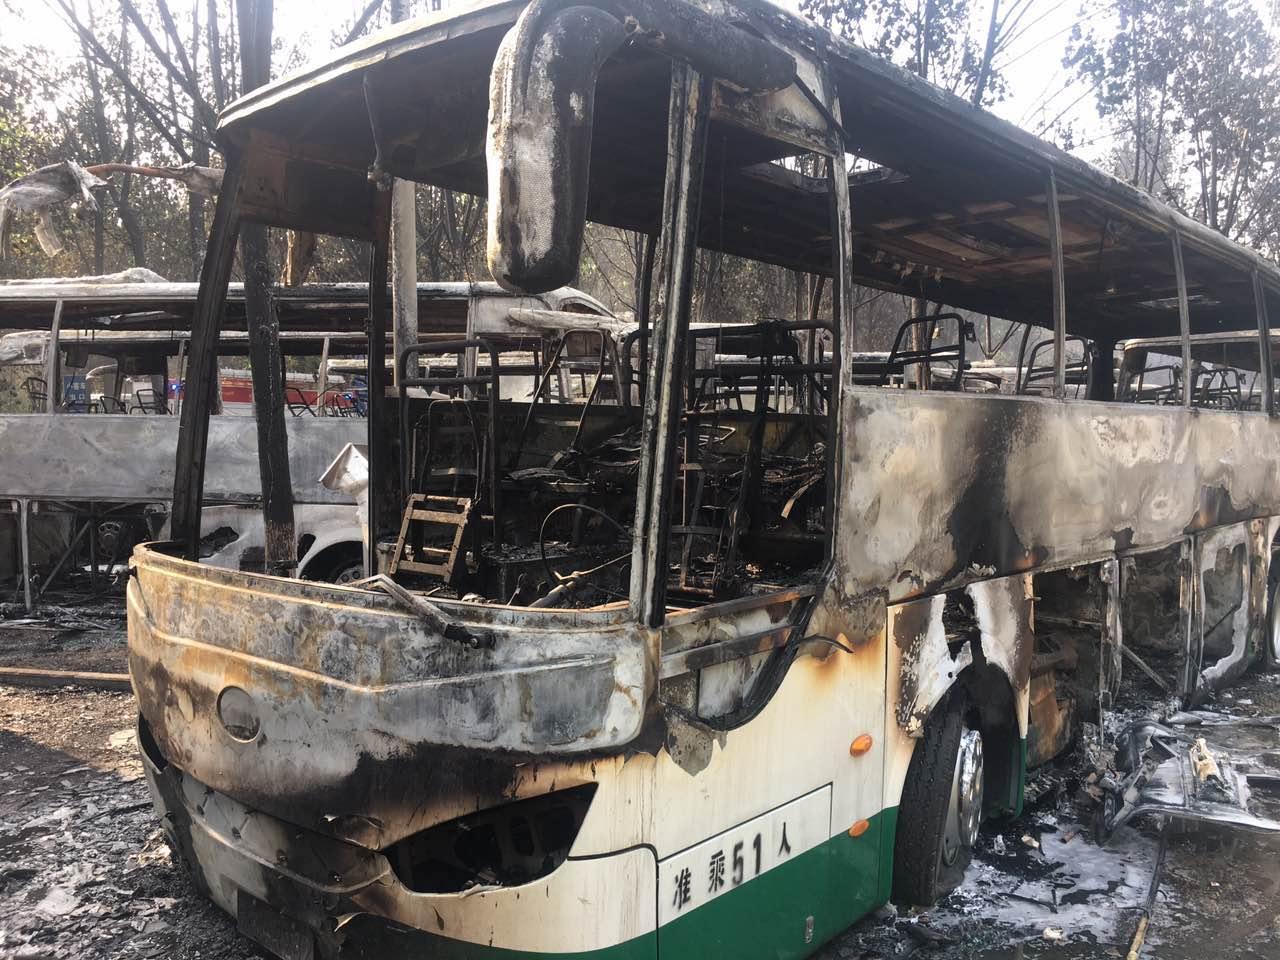 2017年5月1日12时22分,北京蟹岛度假村停车场发生电动巴士连环火灾,着火大巴 80 辆左右,短短几分钟内,大巴轰燃,烧成空架,导致直接损失近一亿元;2017年5月9日上午9时许,在山东省威海市一隧道内,也发生了一起国际学校附属幼儿园校车的燃烧事故,由于火势蔓延过快,致使11名幼儿遇难。      据数据统计,截止到2016年,我们国家公路运输的车辆总数已经达到了83.